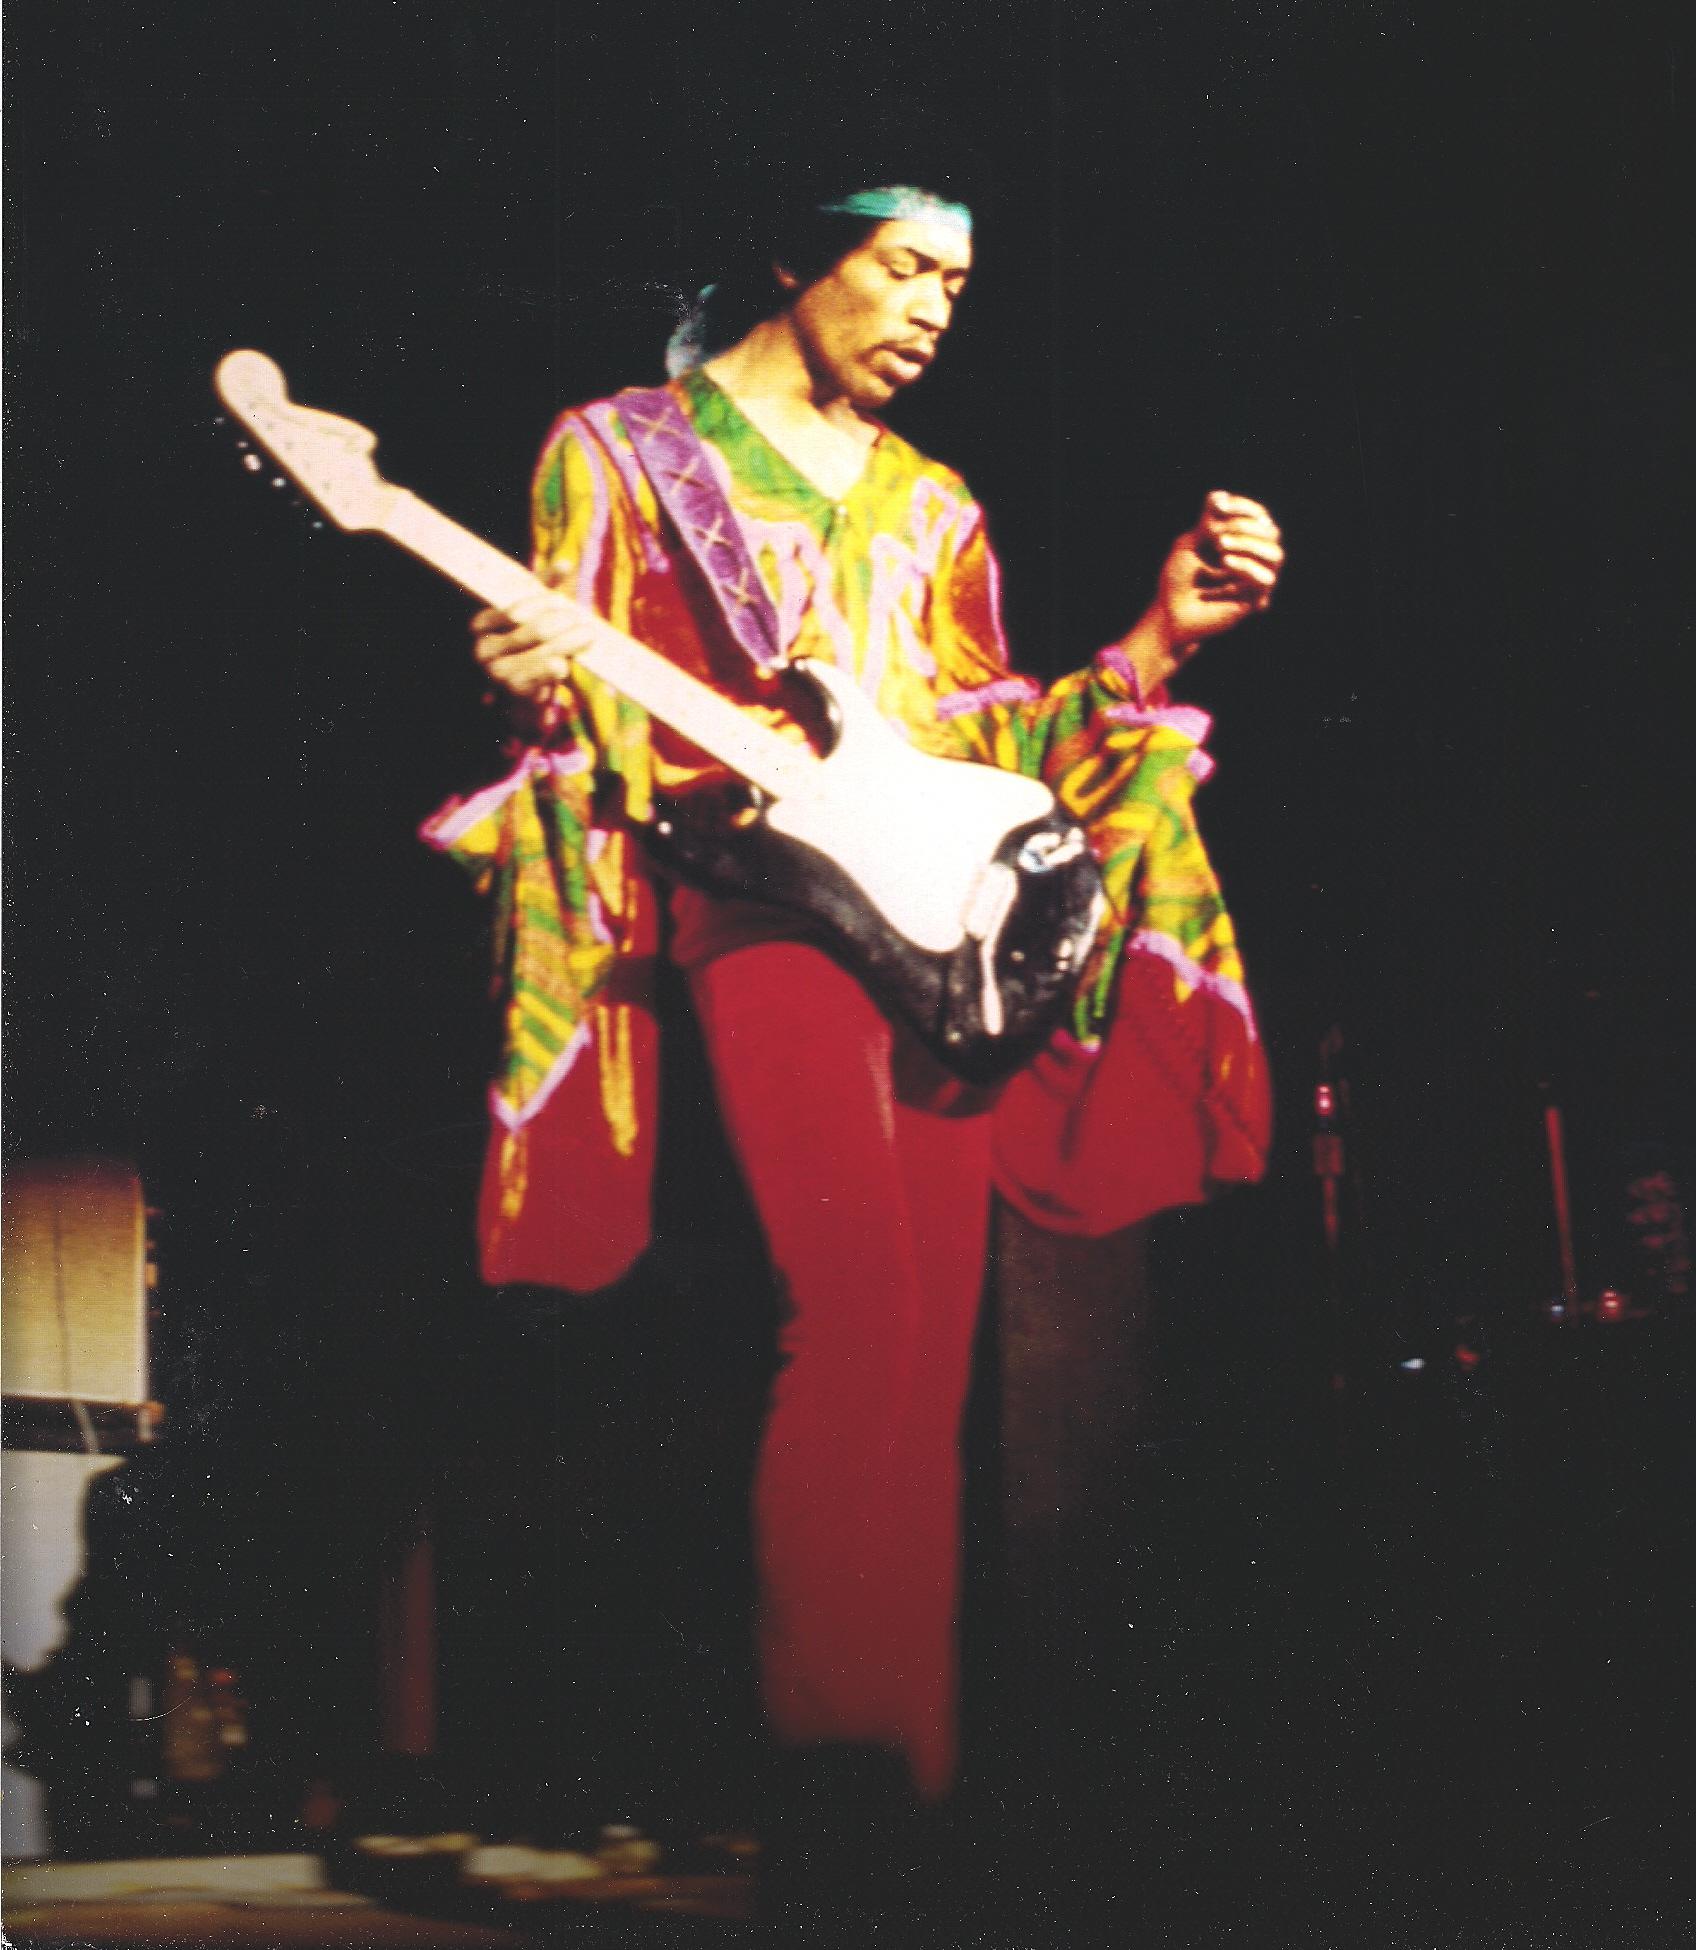 Stages - Atlanta 70 (1991) 60d65ec1ea126335c7f76d7ad50bf90a